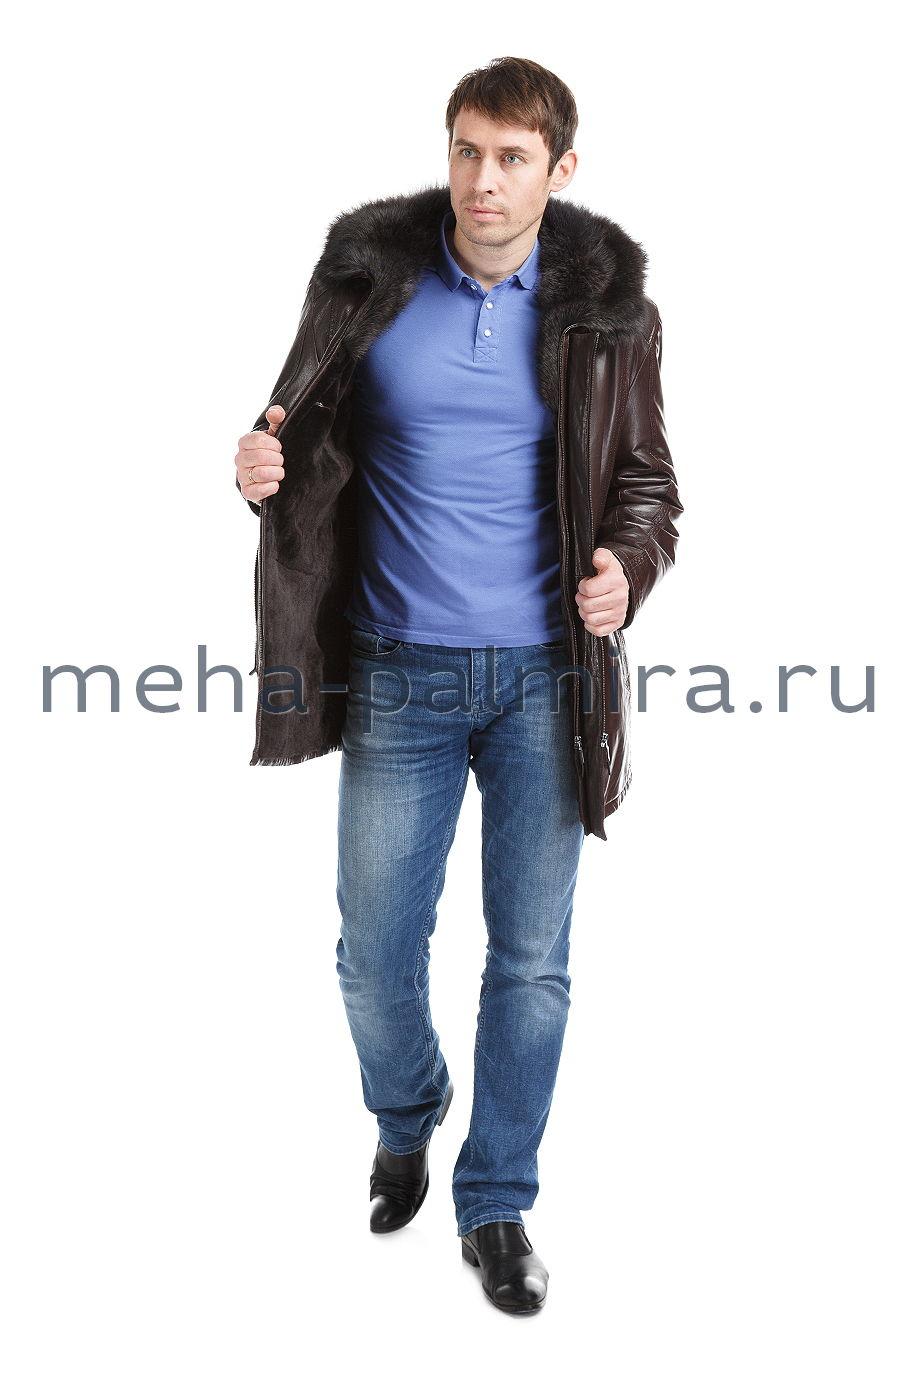 Мужская дубленка с капюшоном из меха енота